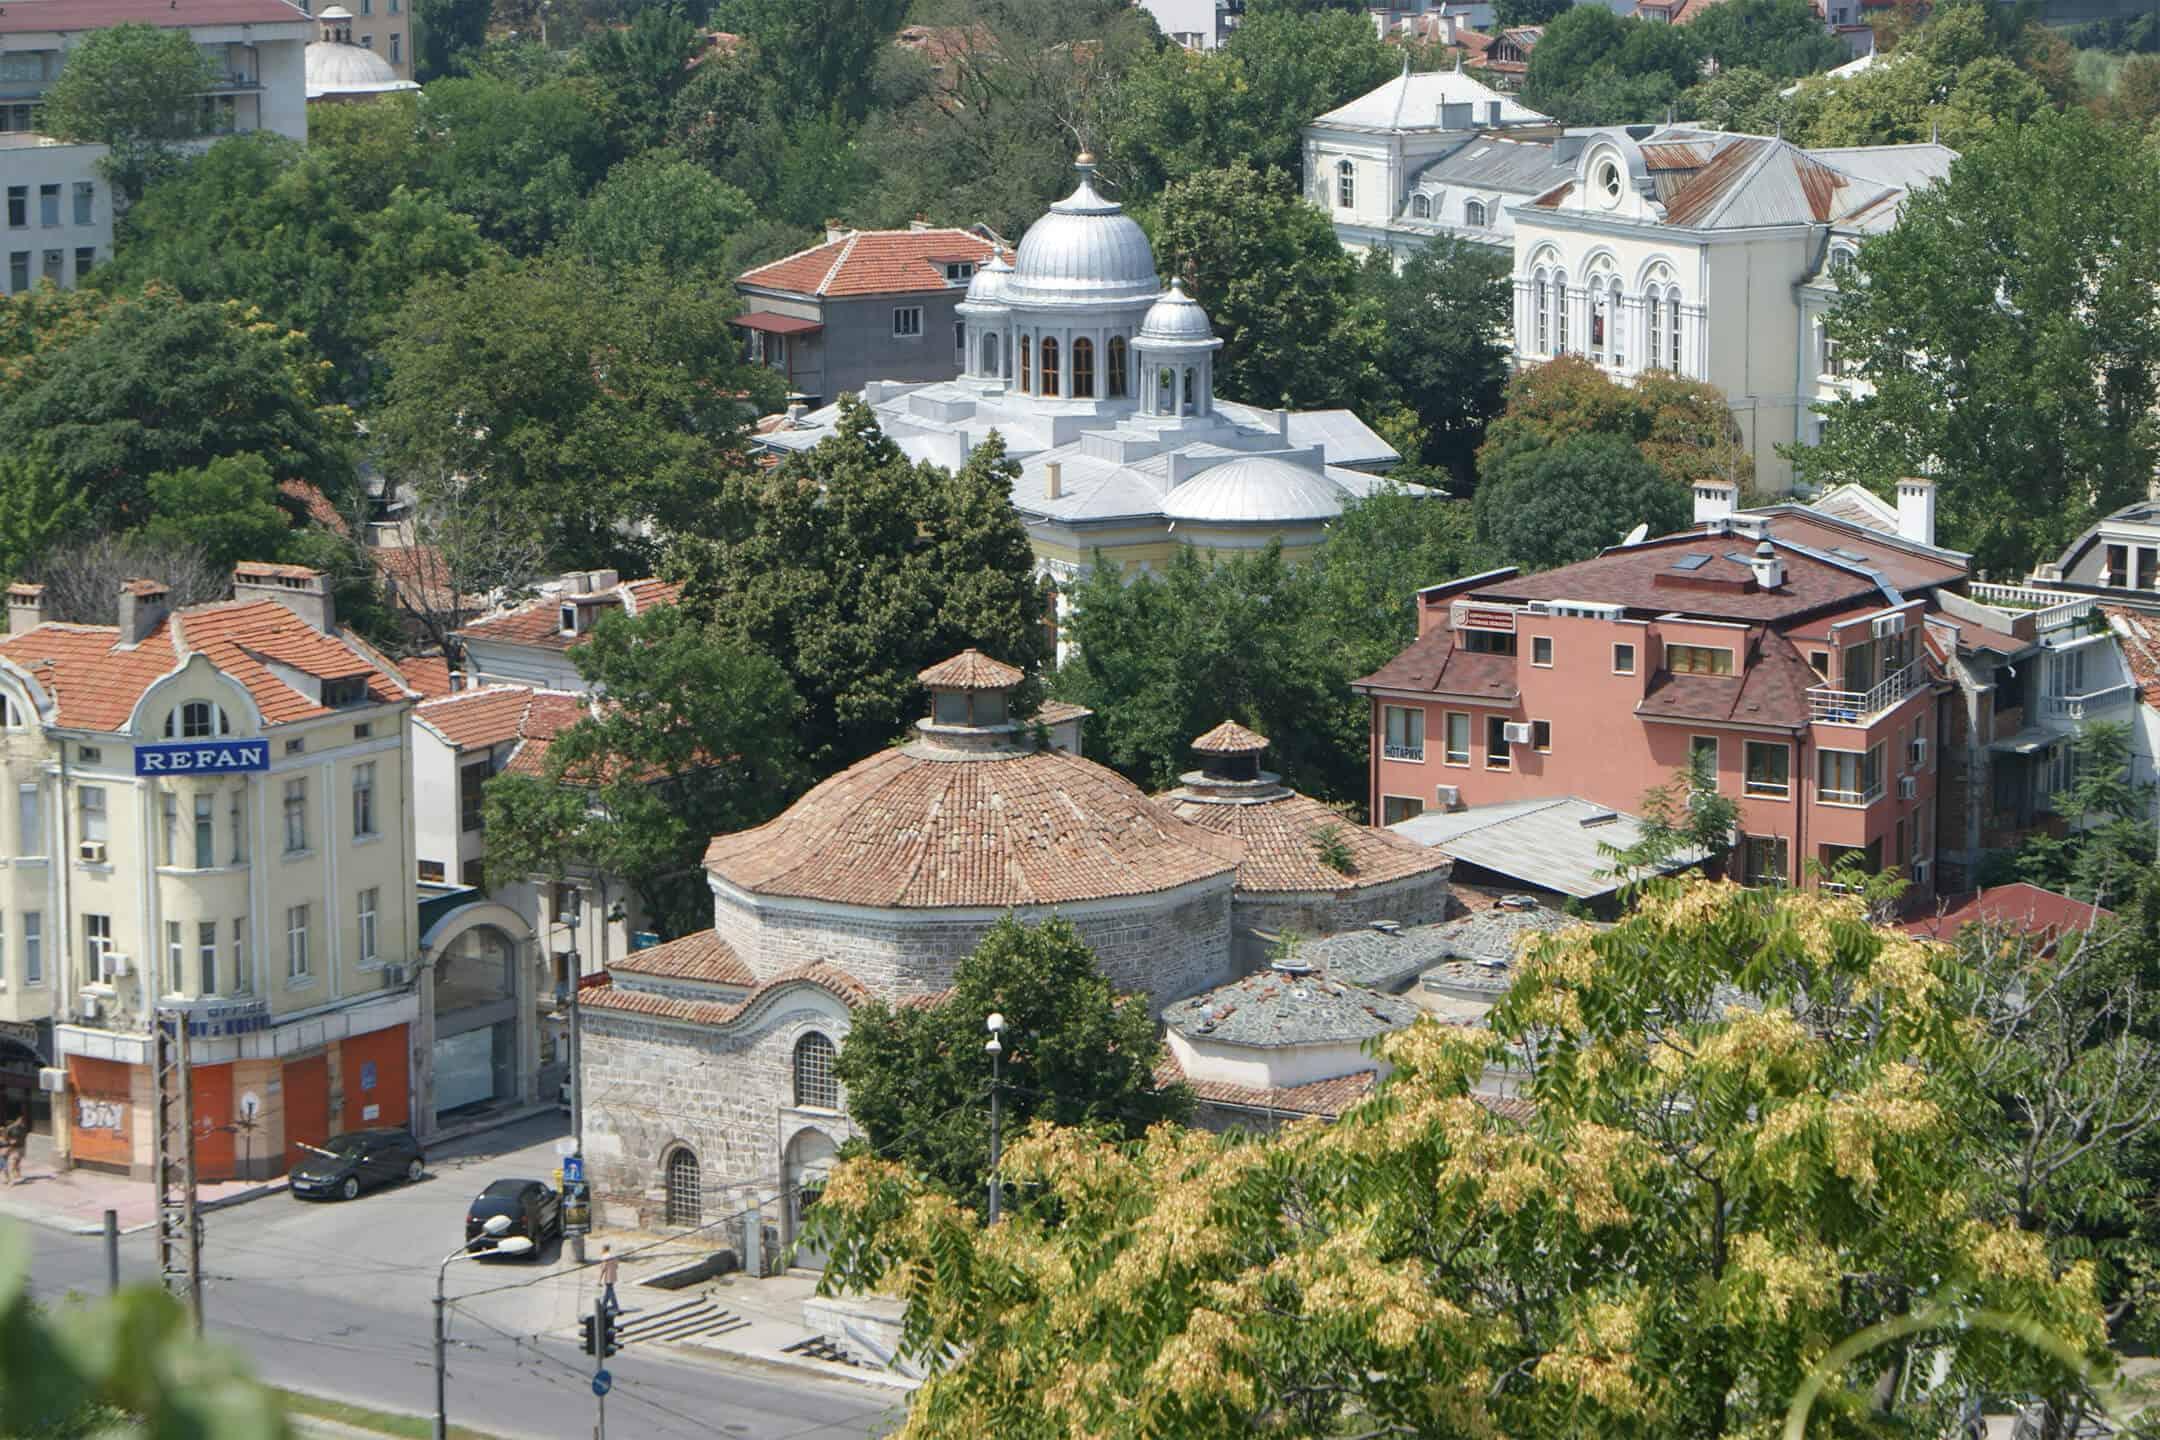 Luftfracht Hubschrauber Plovdiv